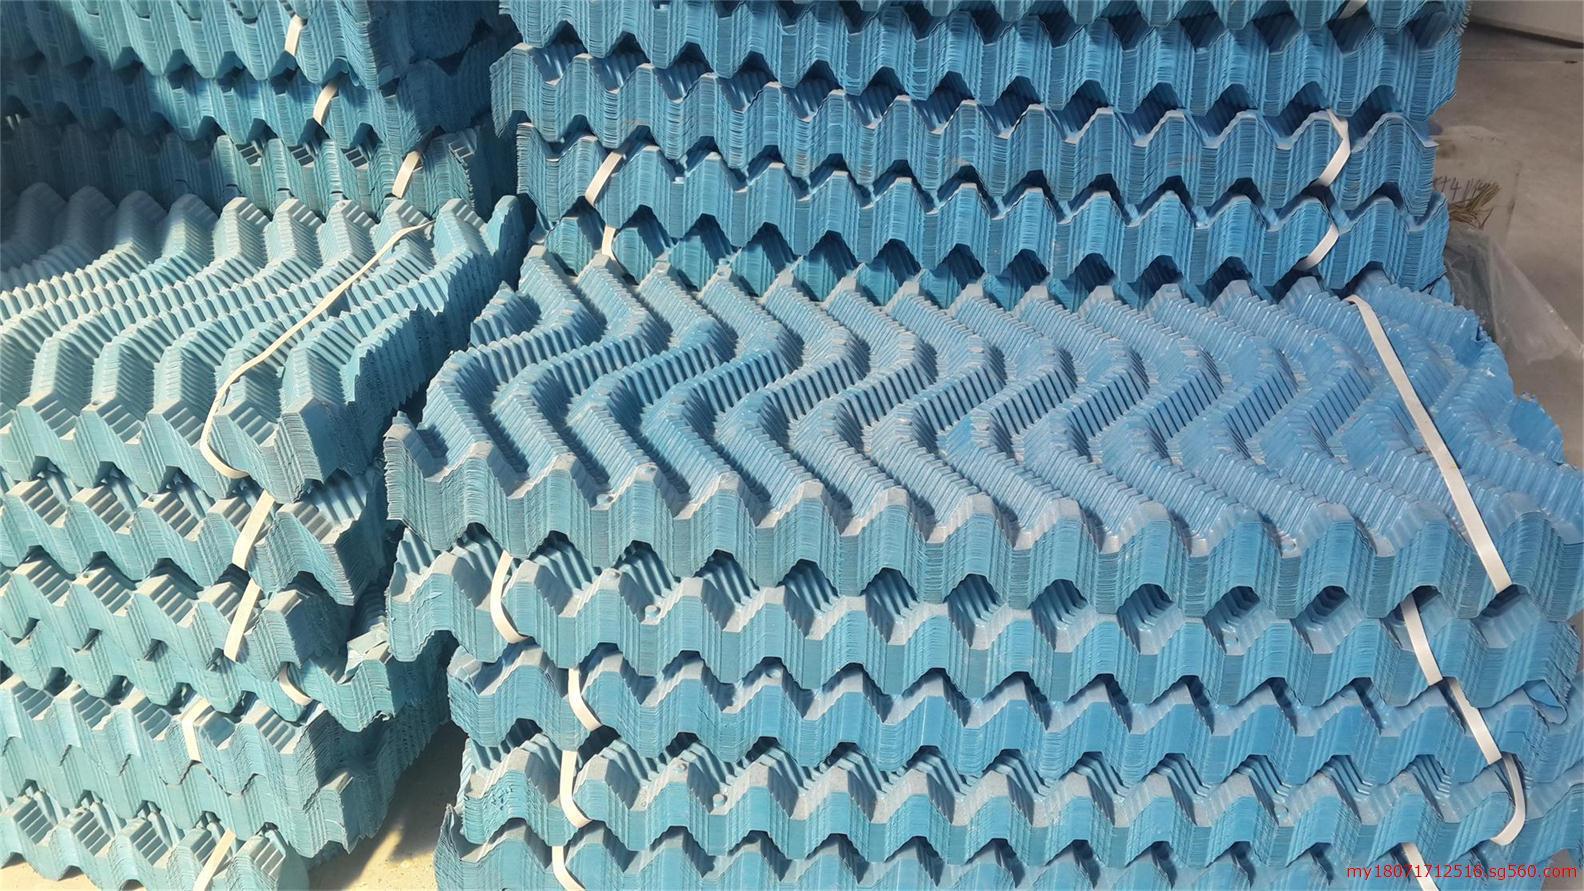 武汉冷却塔填料 冷却塔维修 冷却塔填料更换 冷却塔日常维护及冬季防冻措施 冷却塔冬季防冻方法 时间进入金秋十月,已经是临近冬天。气温日渐降低,对于冷却塔等大型设备的防冻保护顺理成章的提到了日程首位。日最低气温在一10以下的期间通常称为冷却塔的冬季运行期。防止冷却系统产生冻害,首先应从设计、基建安装阶段抓起,此后更重要的关键还在于冷却塔从维修和运行维护两个方面共同配合,切实落实有关措施。 运行维护方面防冻措施: 1.